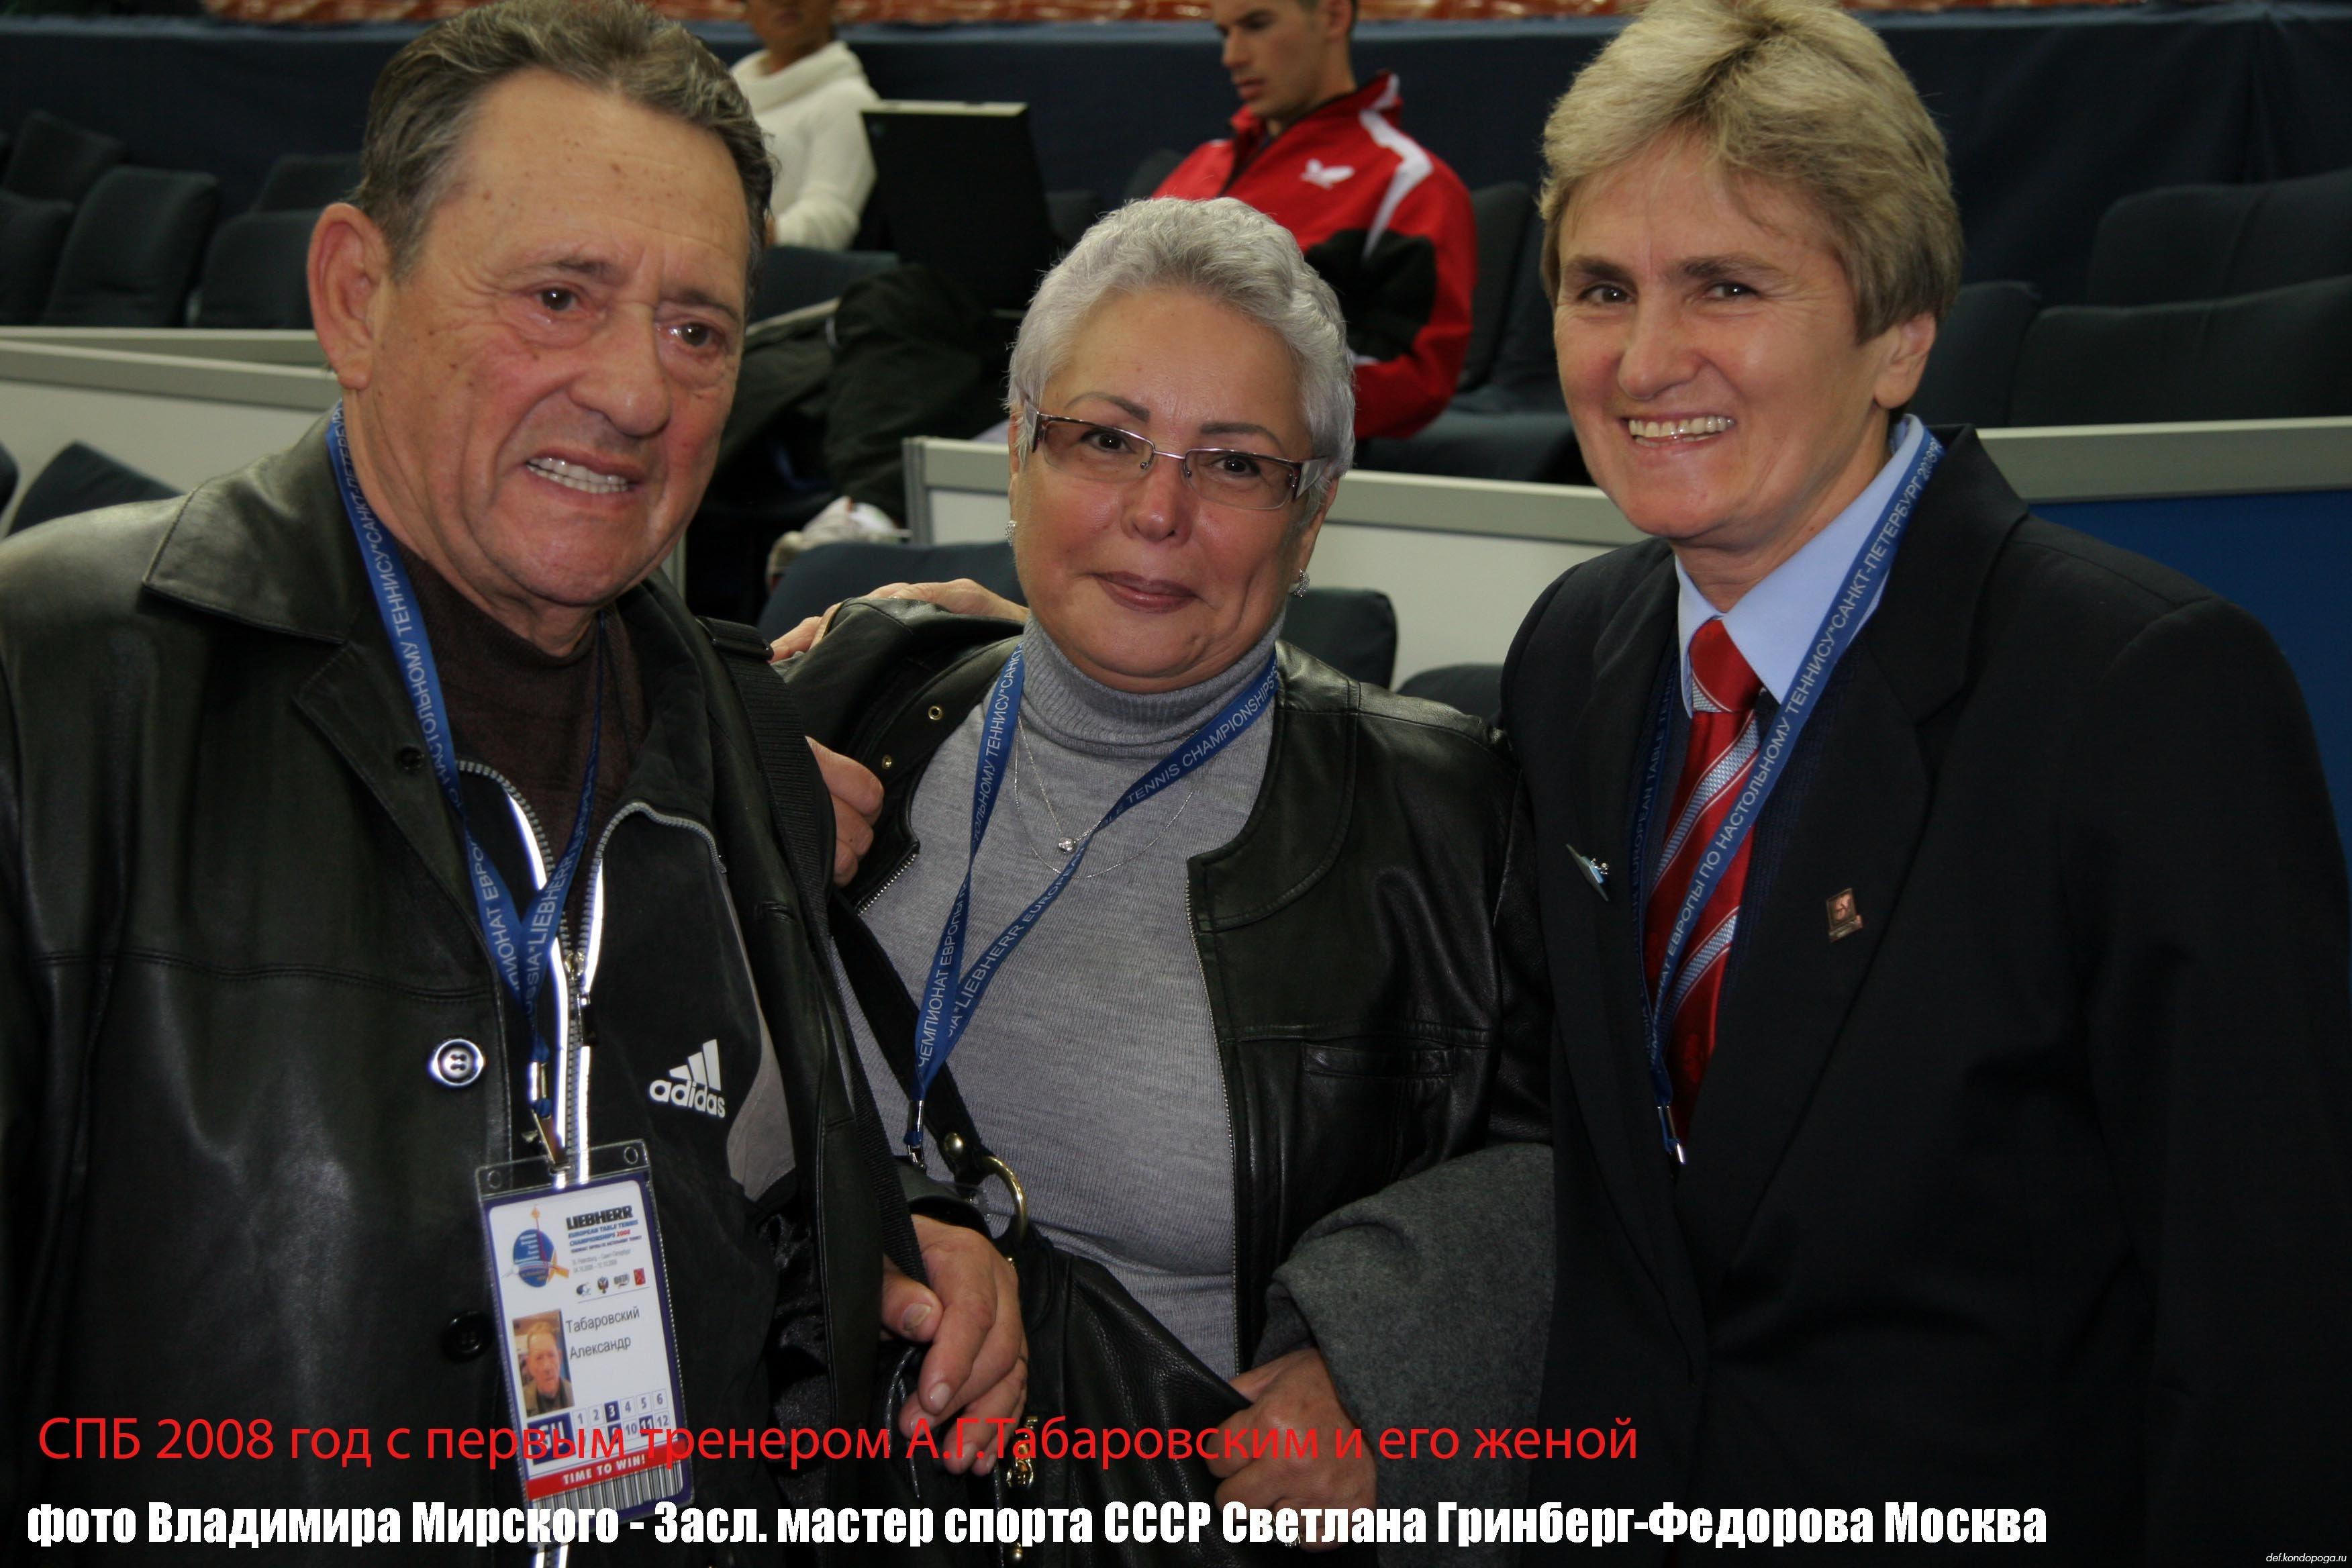 Картинки по запросу первая олимпийская чемпионка настольного тенниса Гринберг Светлана и ее тренер